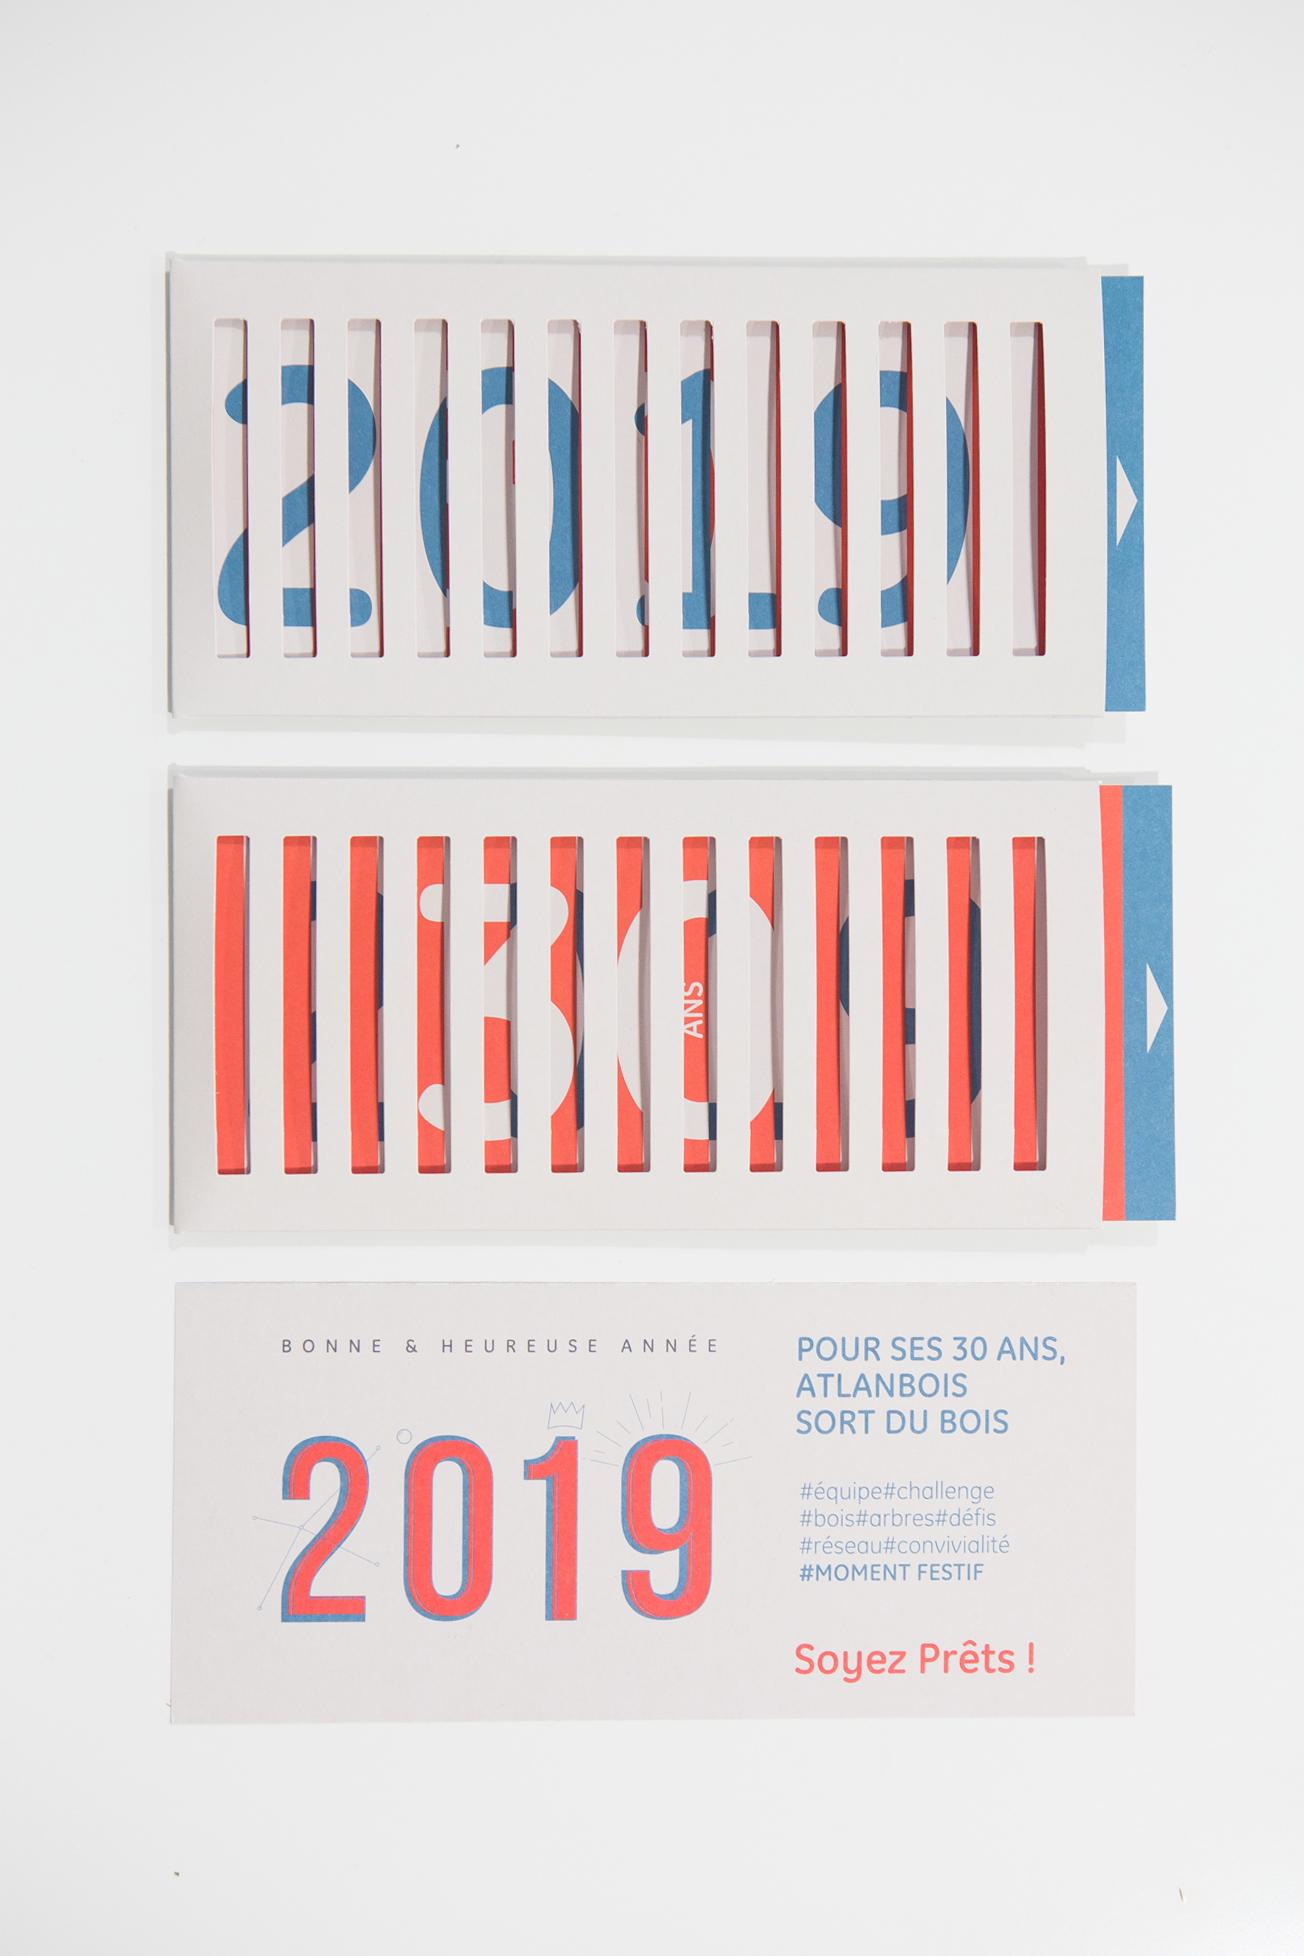 Vœux 2019 Atlanbois